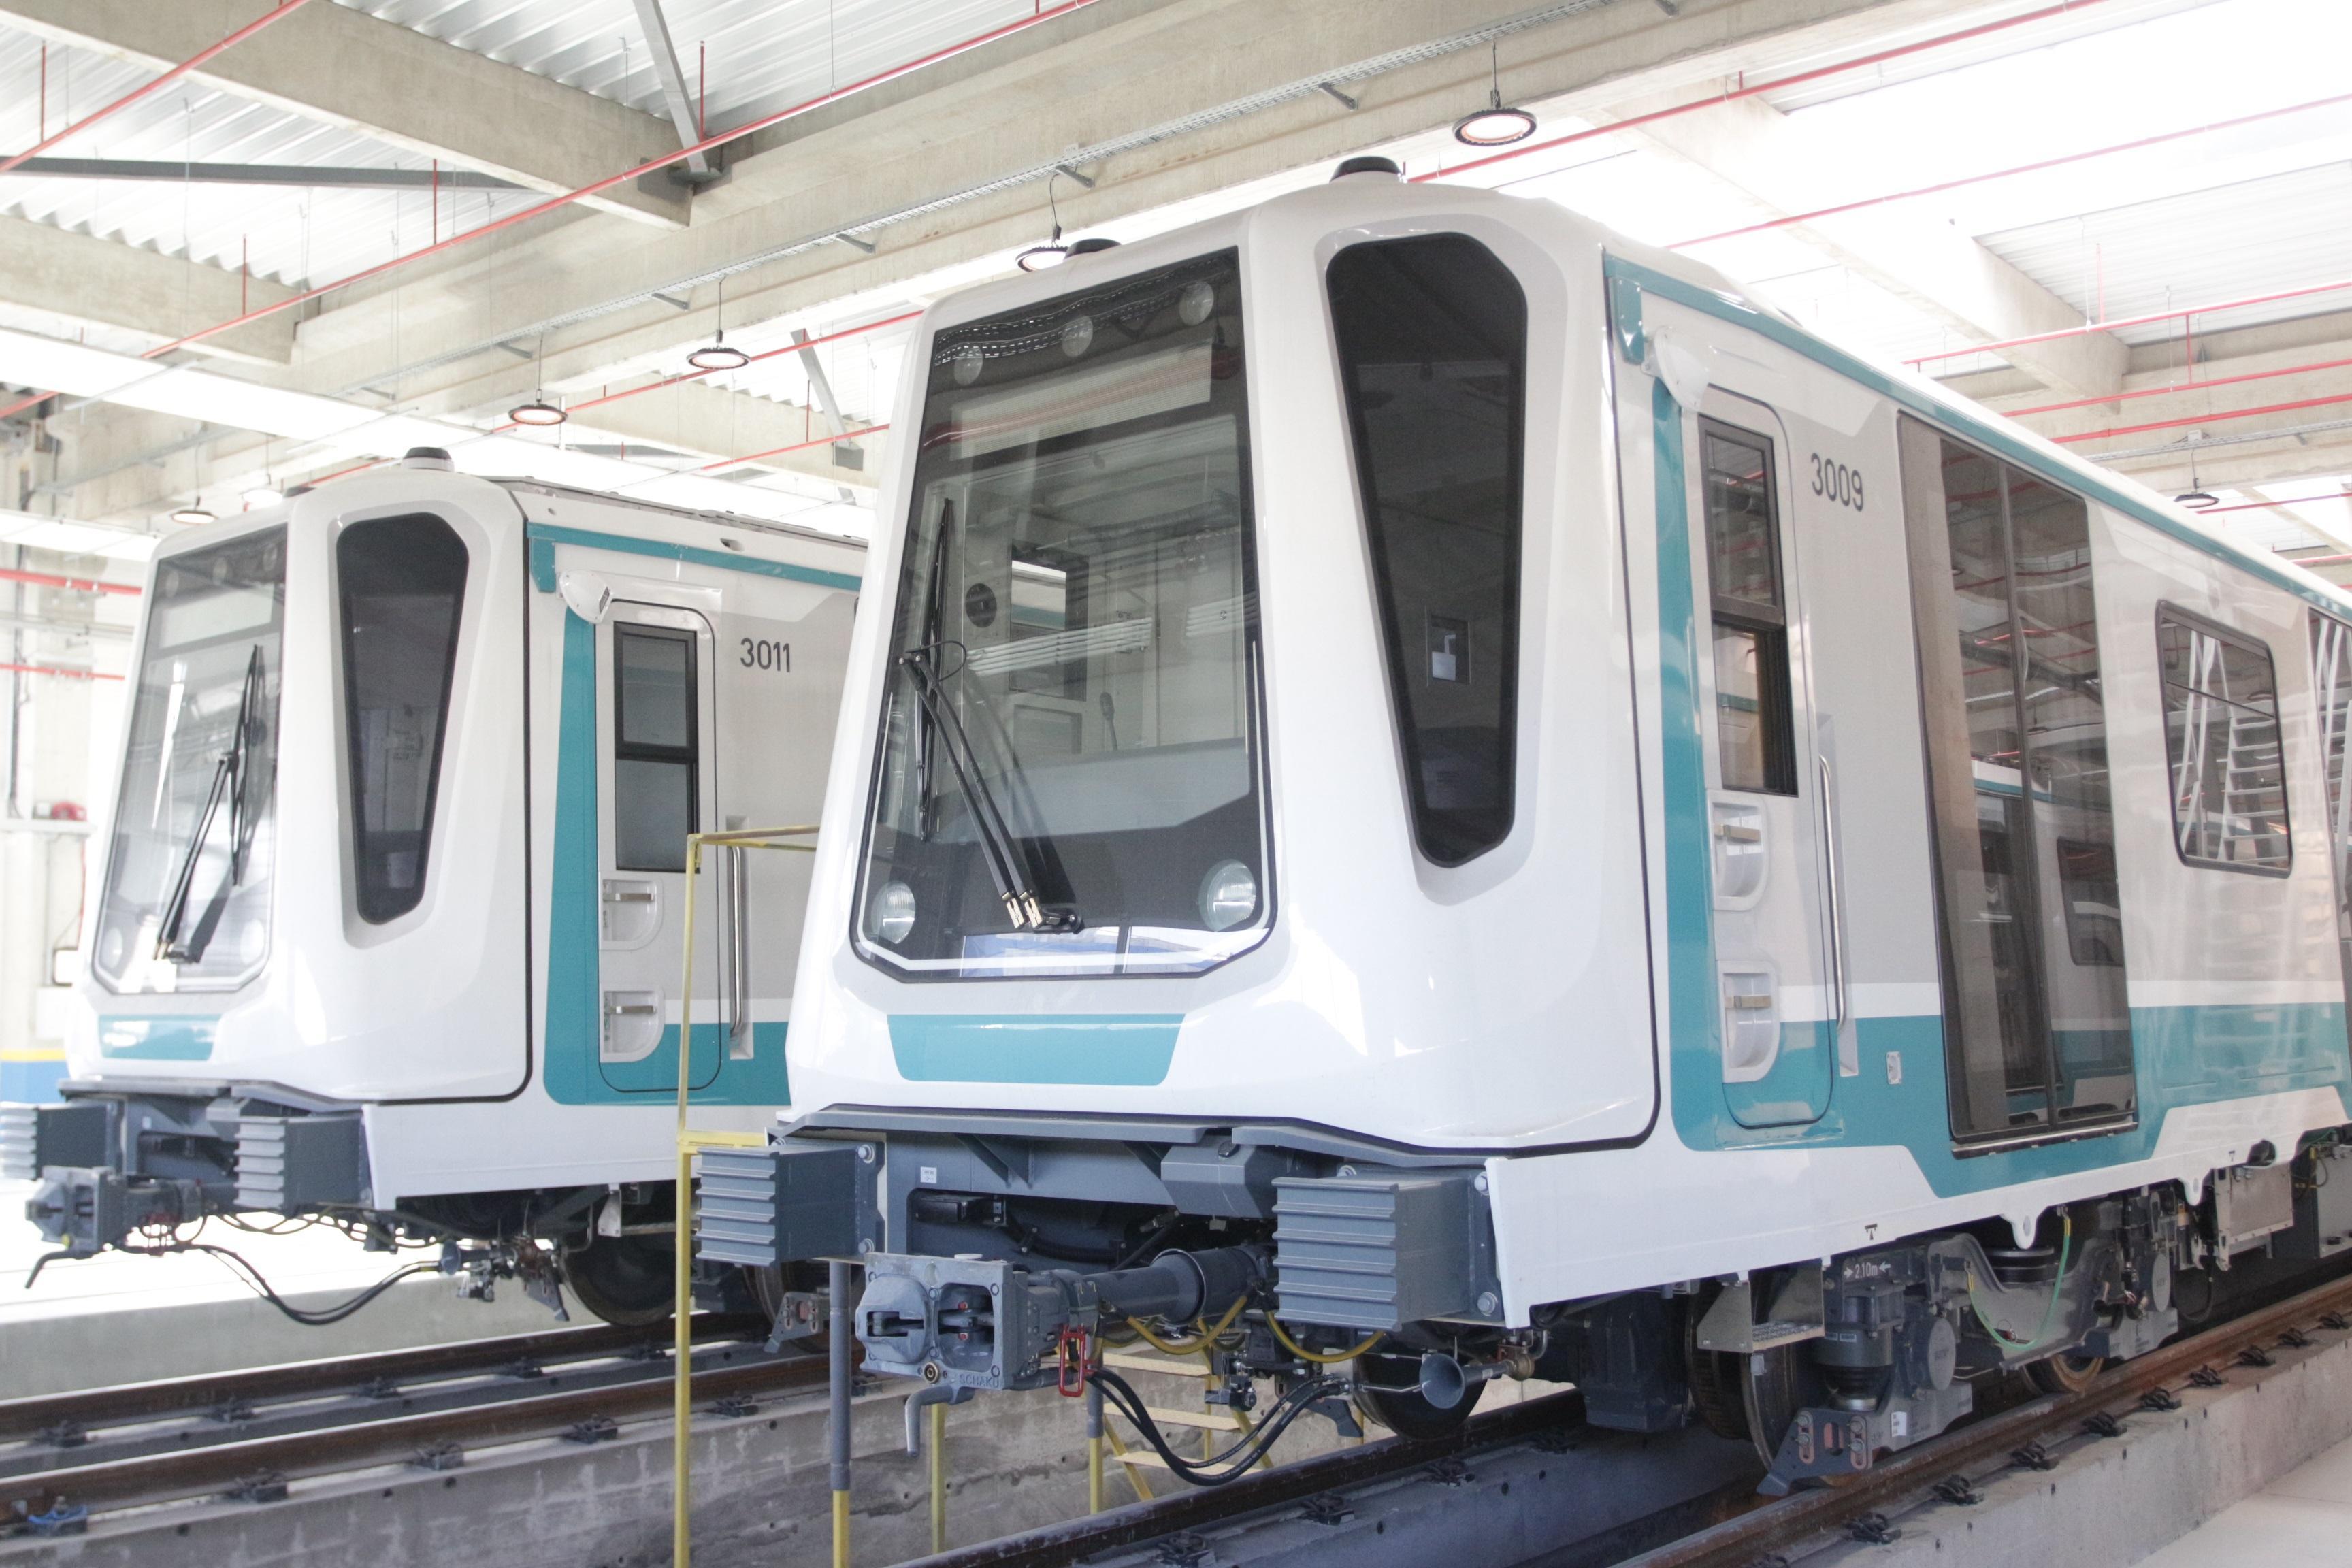 Камерите в метро заснели нарушителите, записите са предадени на СДВР